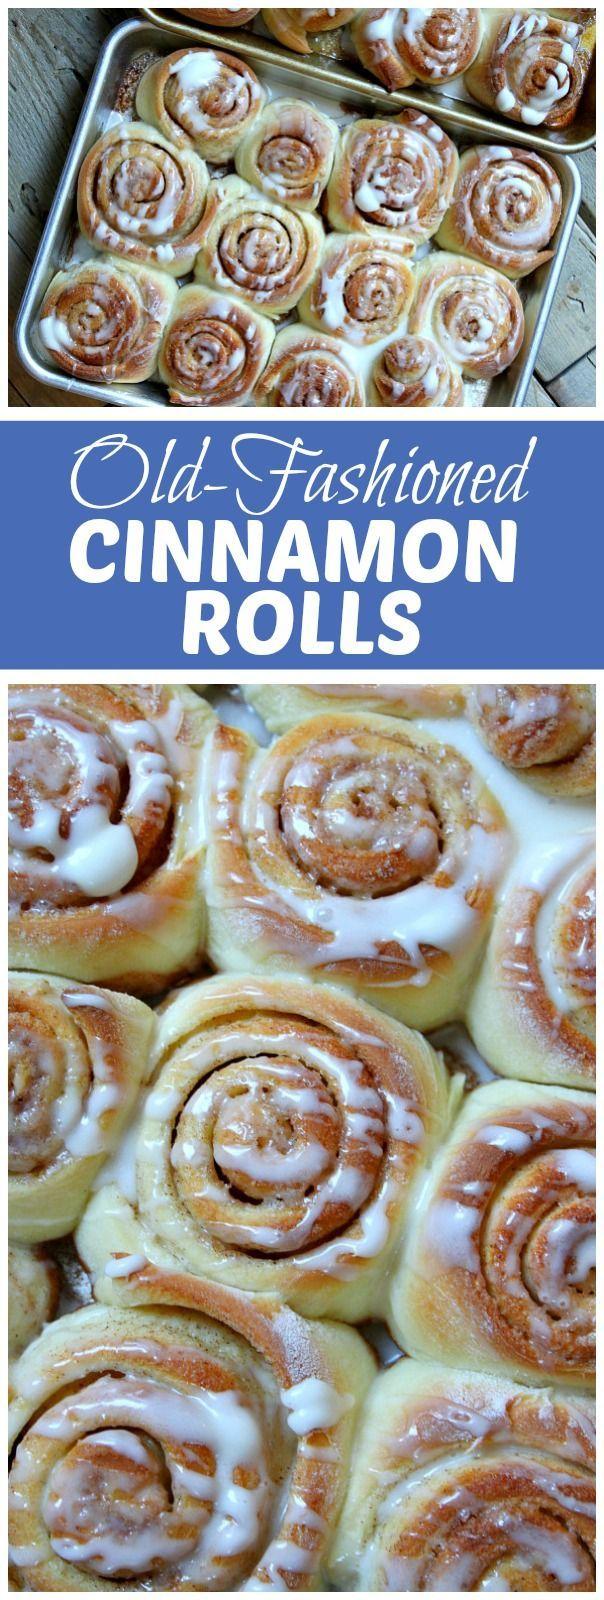 Old Fashioned Cinnamon Rolls | Recipe | Cinnabon cinnamon rolls, Cinnamon rolls recipe, Dessert ...